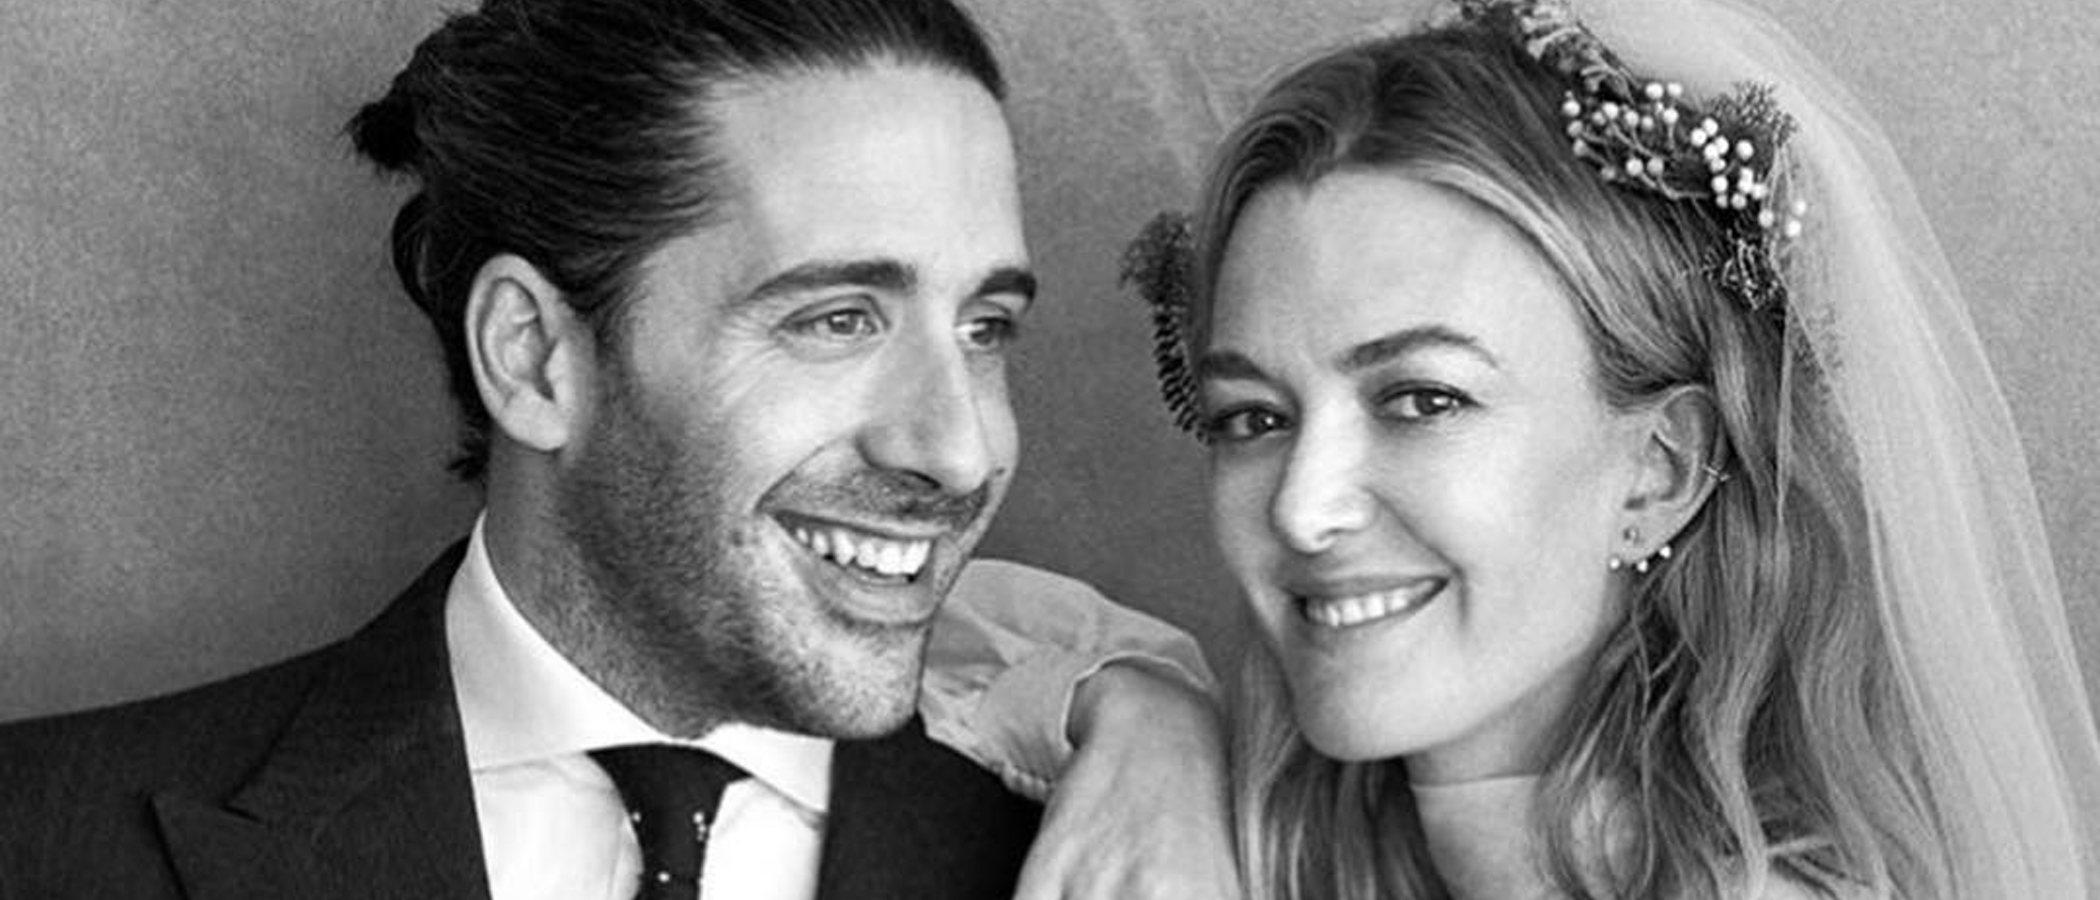 Los cuatro vestidos de Marta Ortega: así fue la gran boda de Inditex